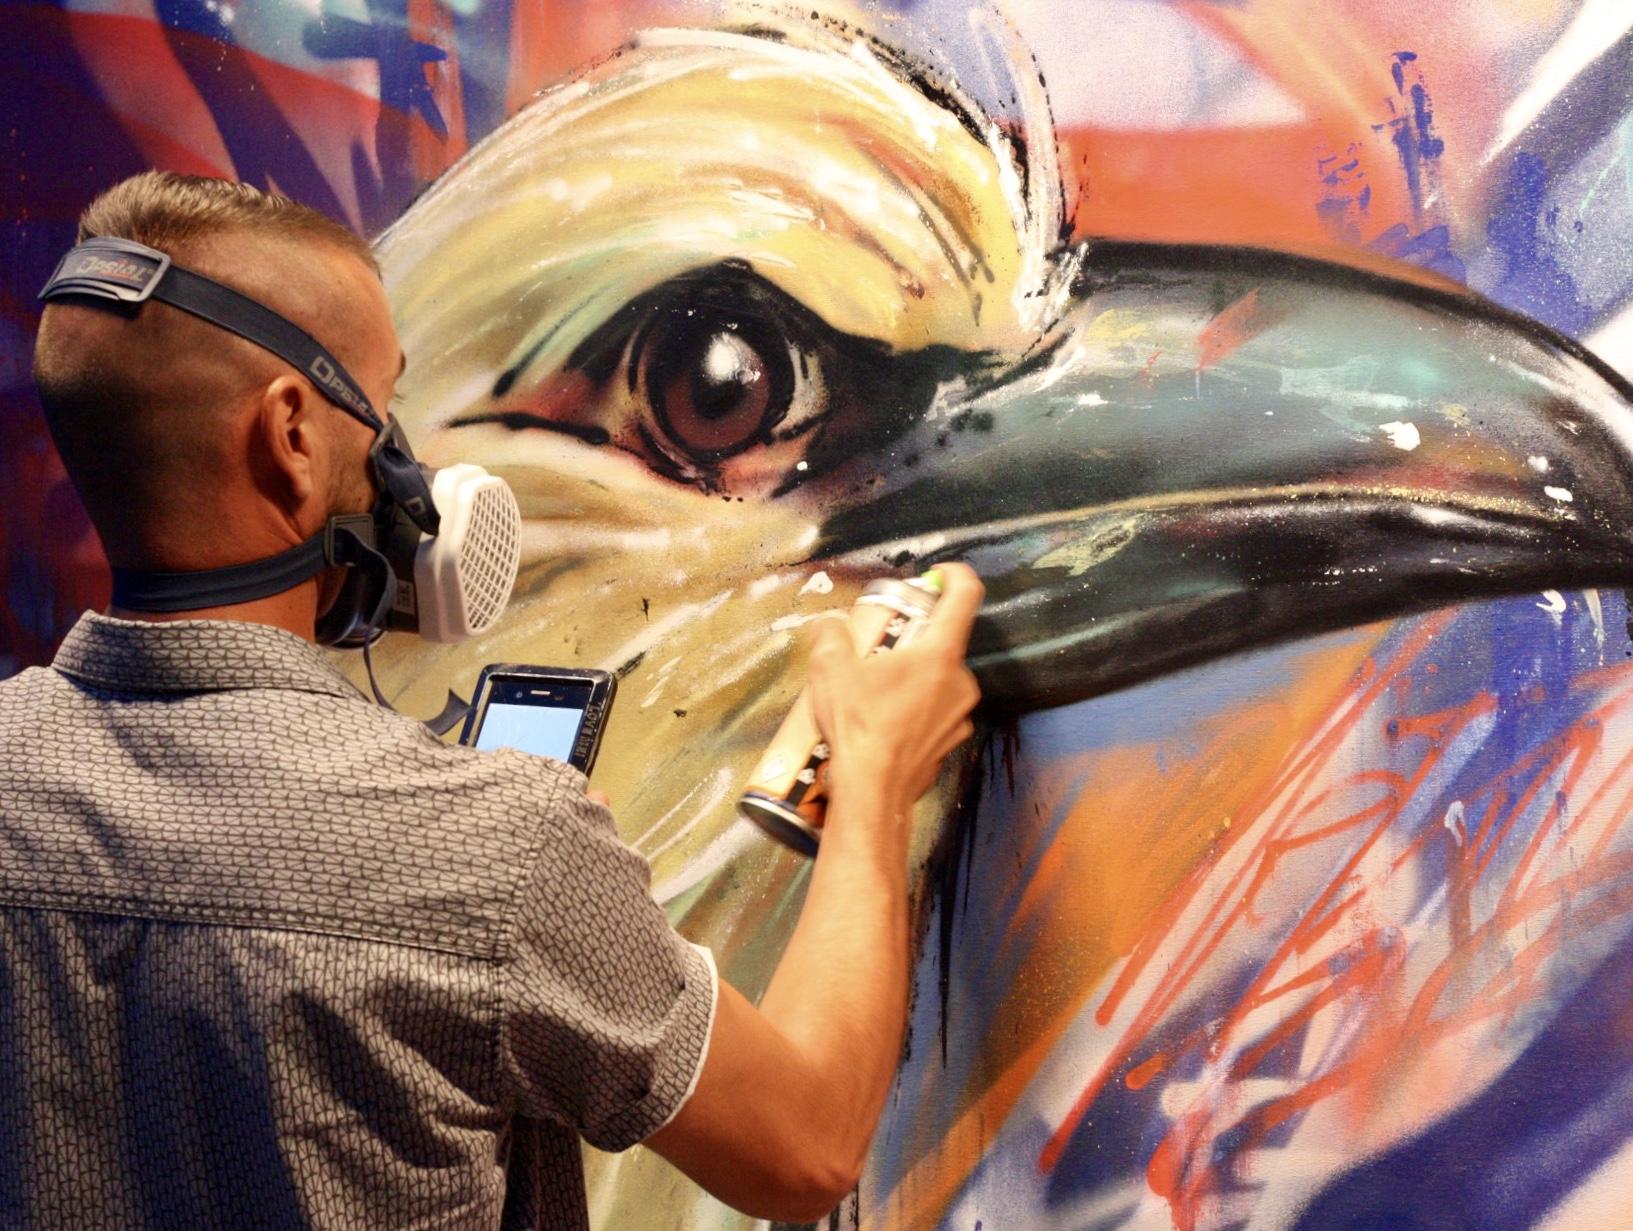 Précision et concentration au zénith pour l'artiste Lowick MNR lors de son live-painting au street nécessaire